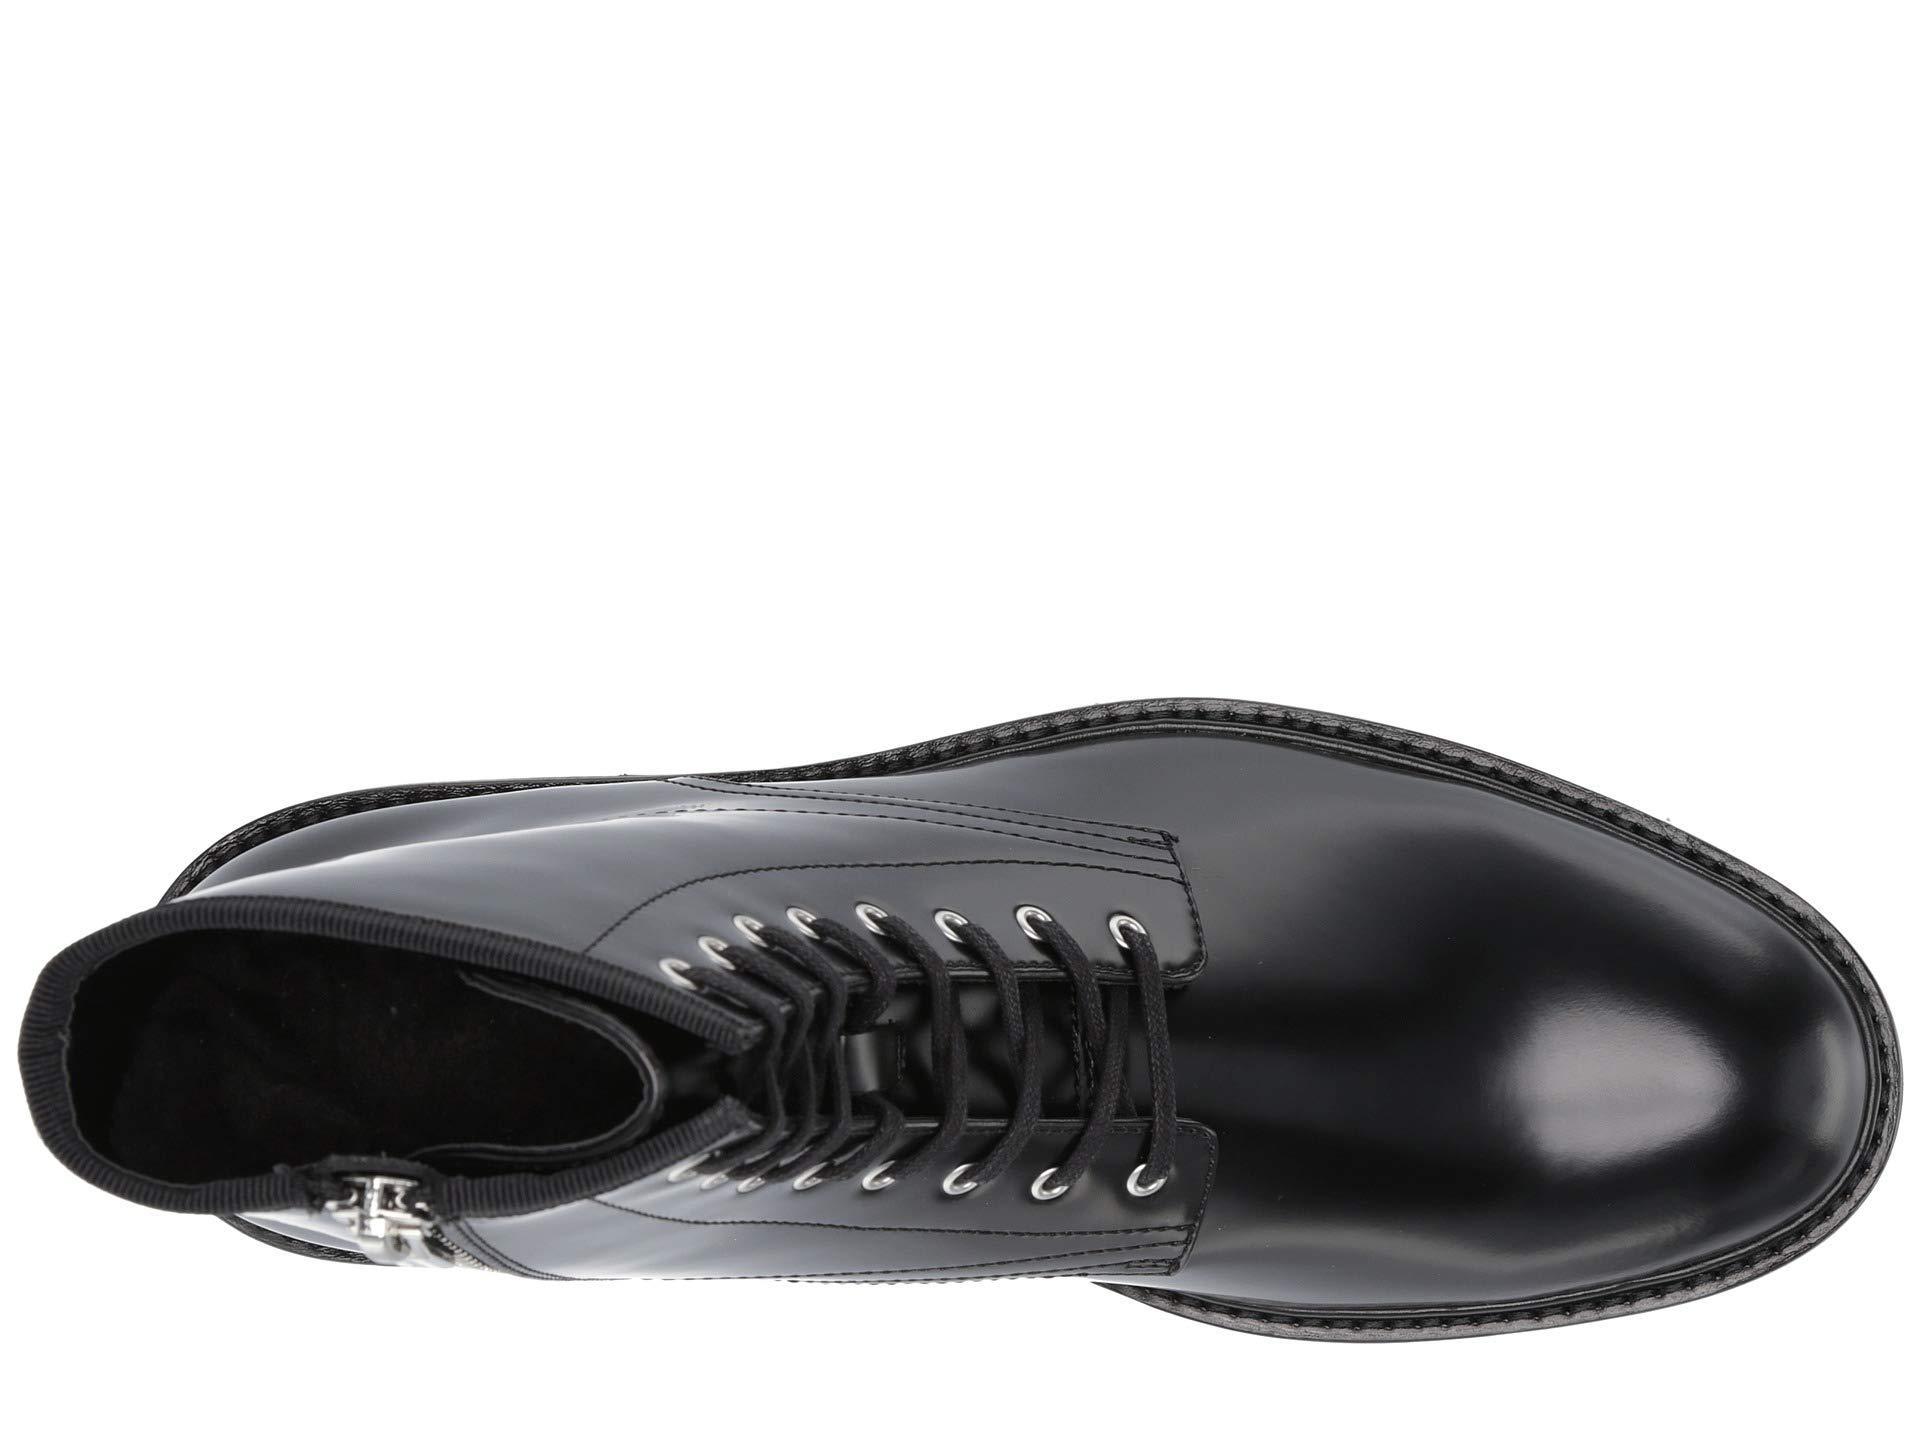 002d762767fc0 Lyst - Calvin Klein Keeler in Black for Men - Save 80%